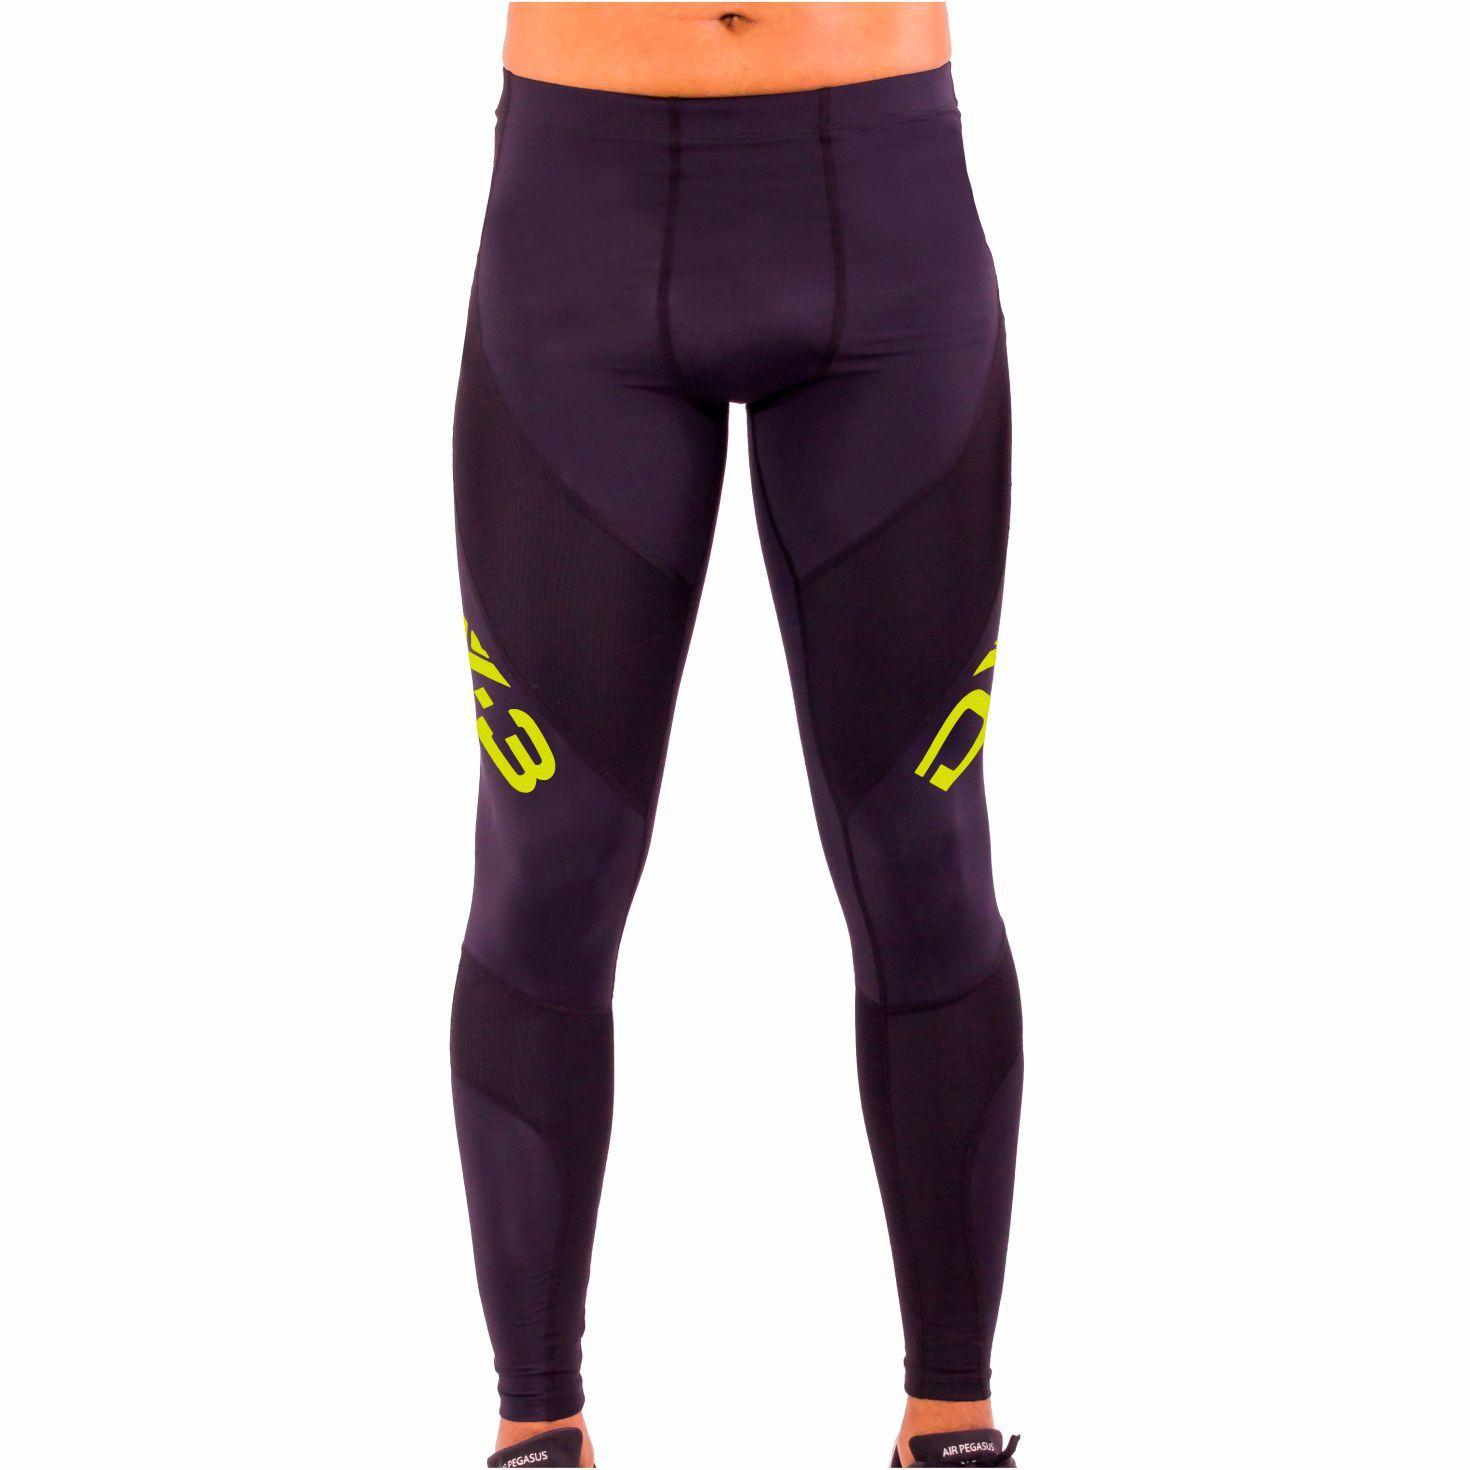 Calça Dx3 Xpro de Compressão Masculina Para Corrida Fitness Trekking